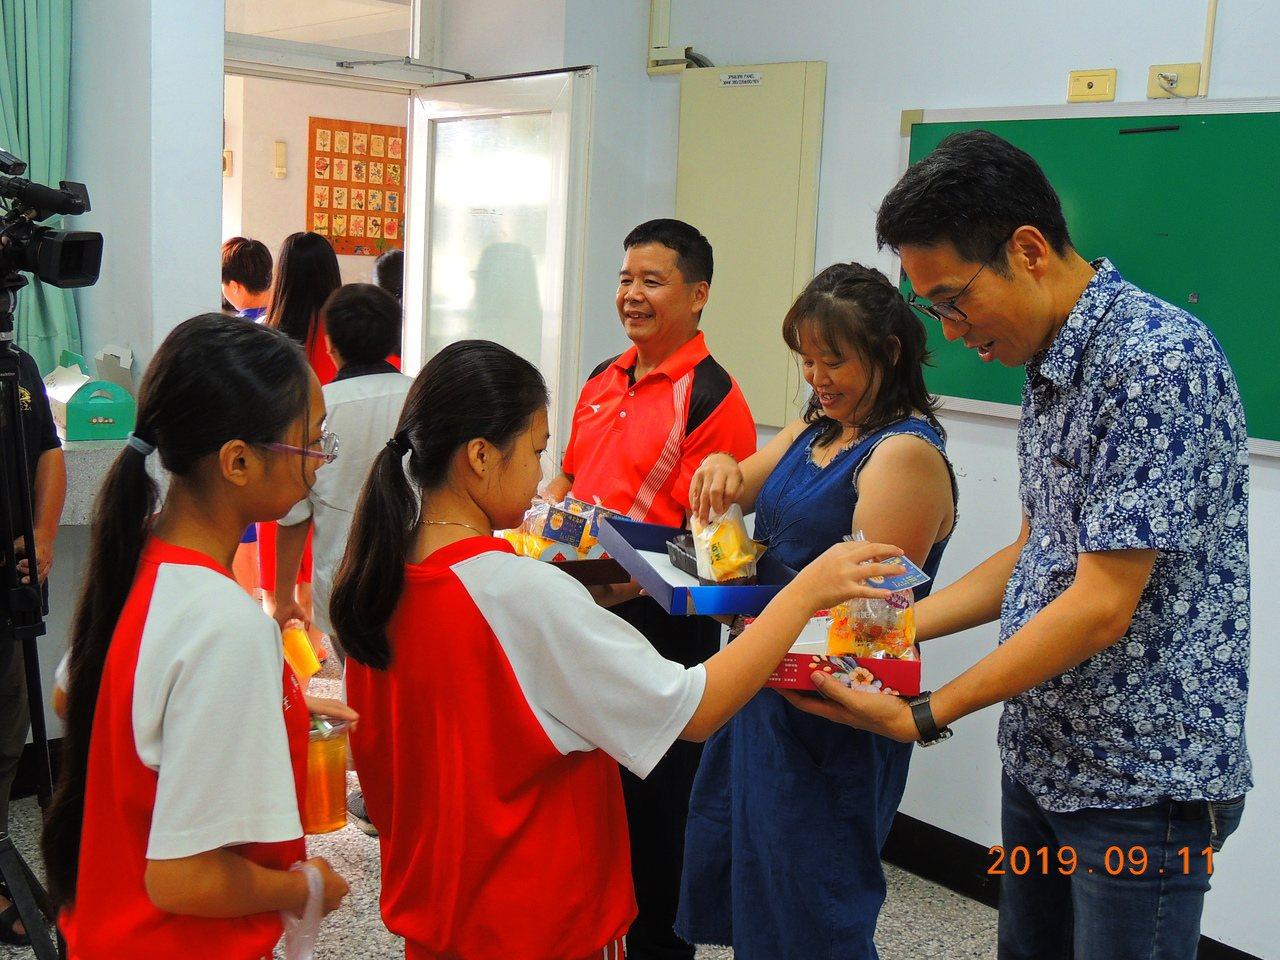 台中市大里區立新國中校長張嘉亨(右)中秋節前,以彈吉他、請學生吃月餅的方式和學生...